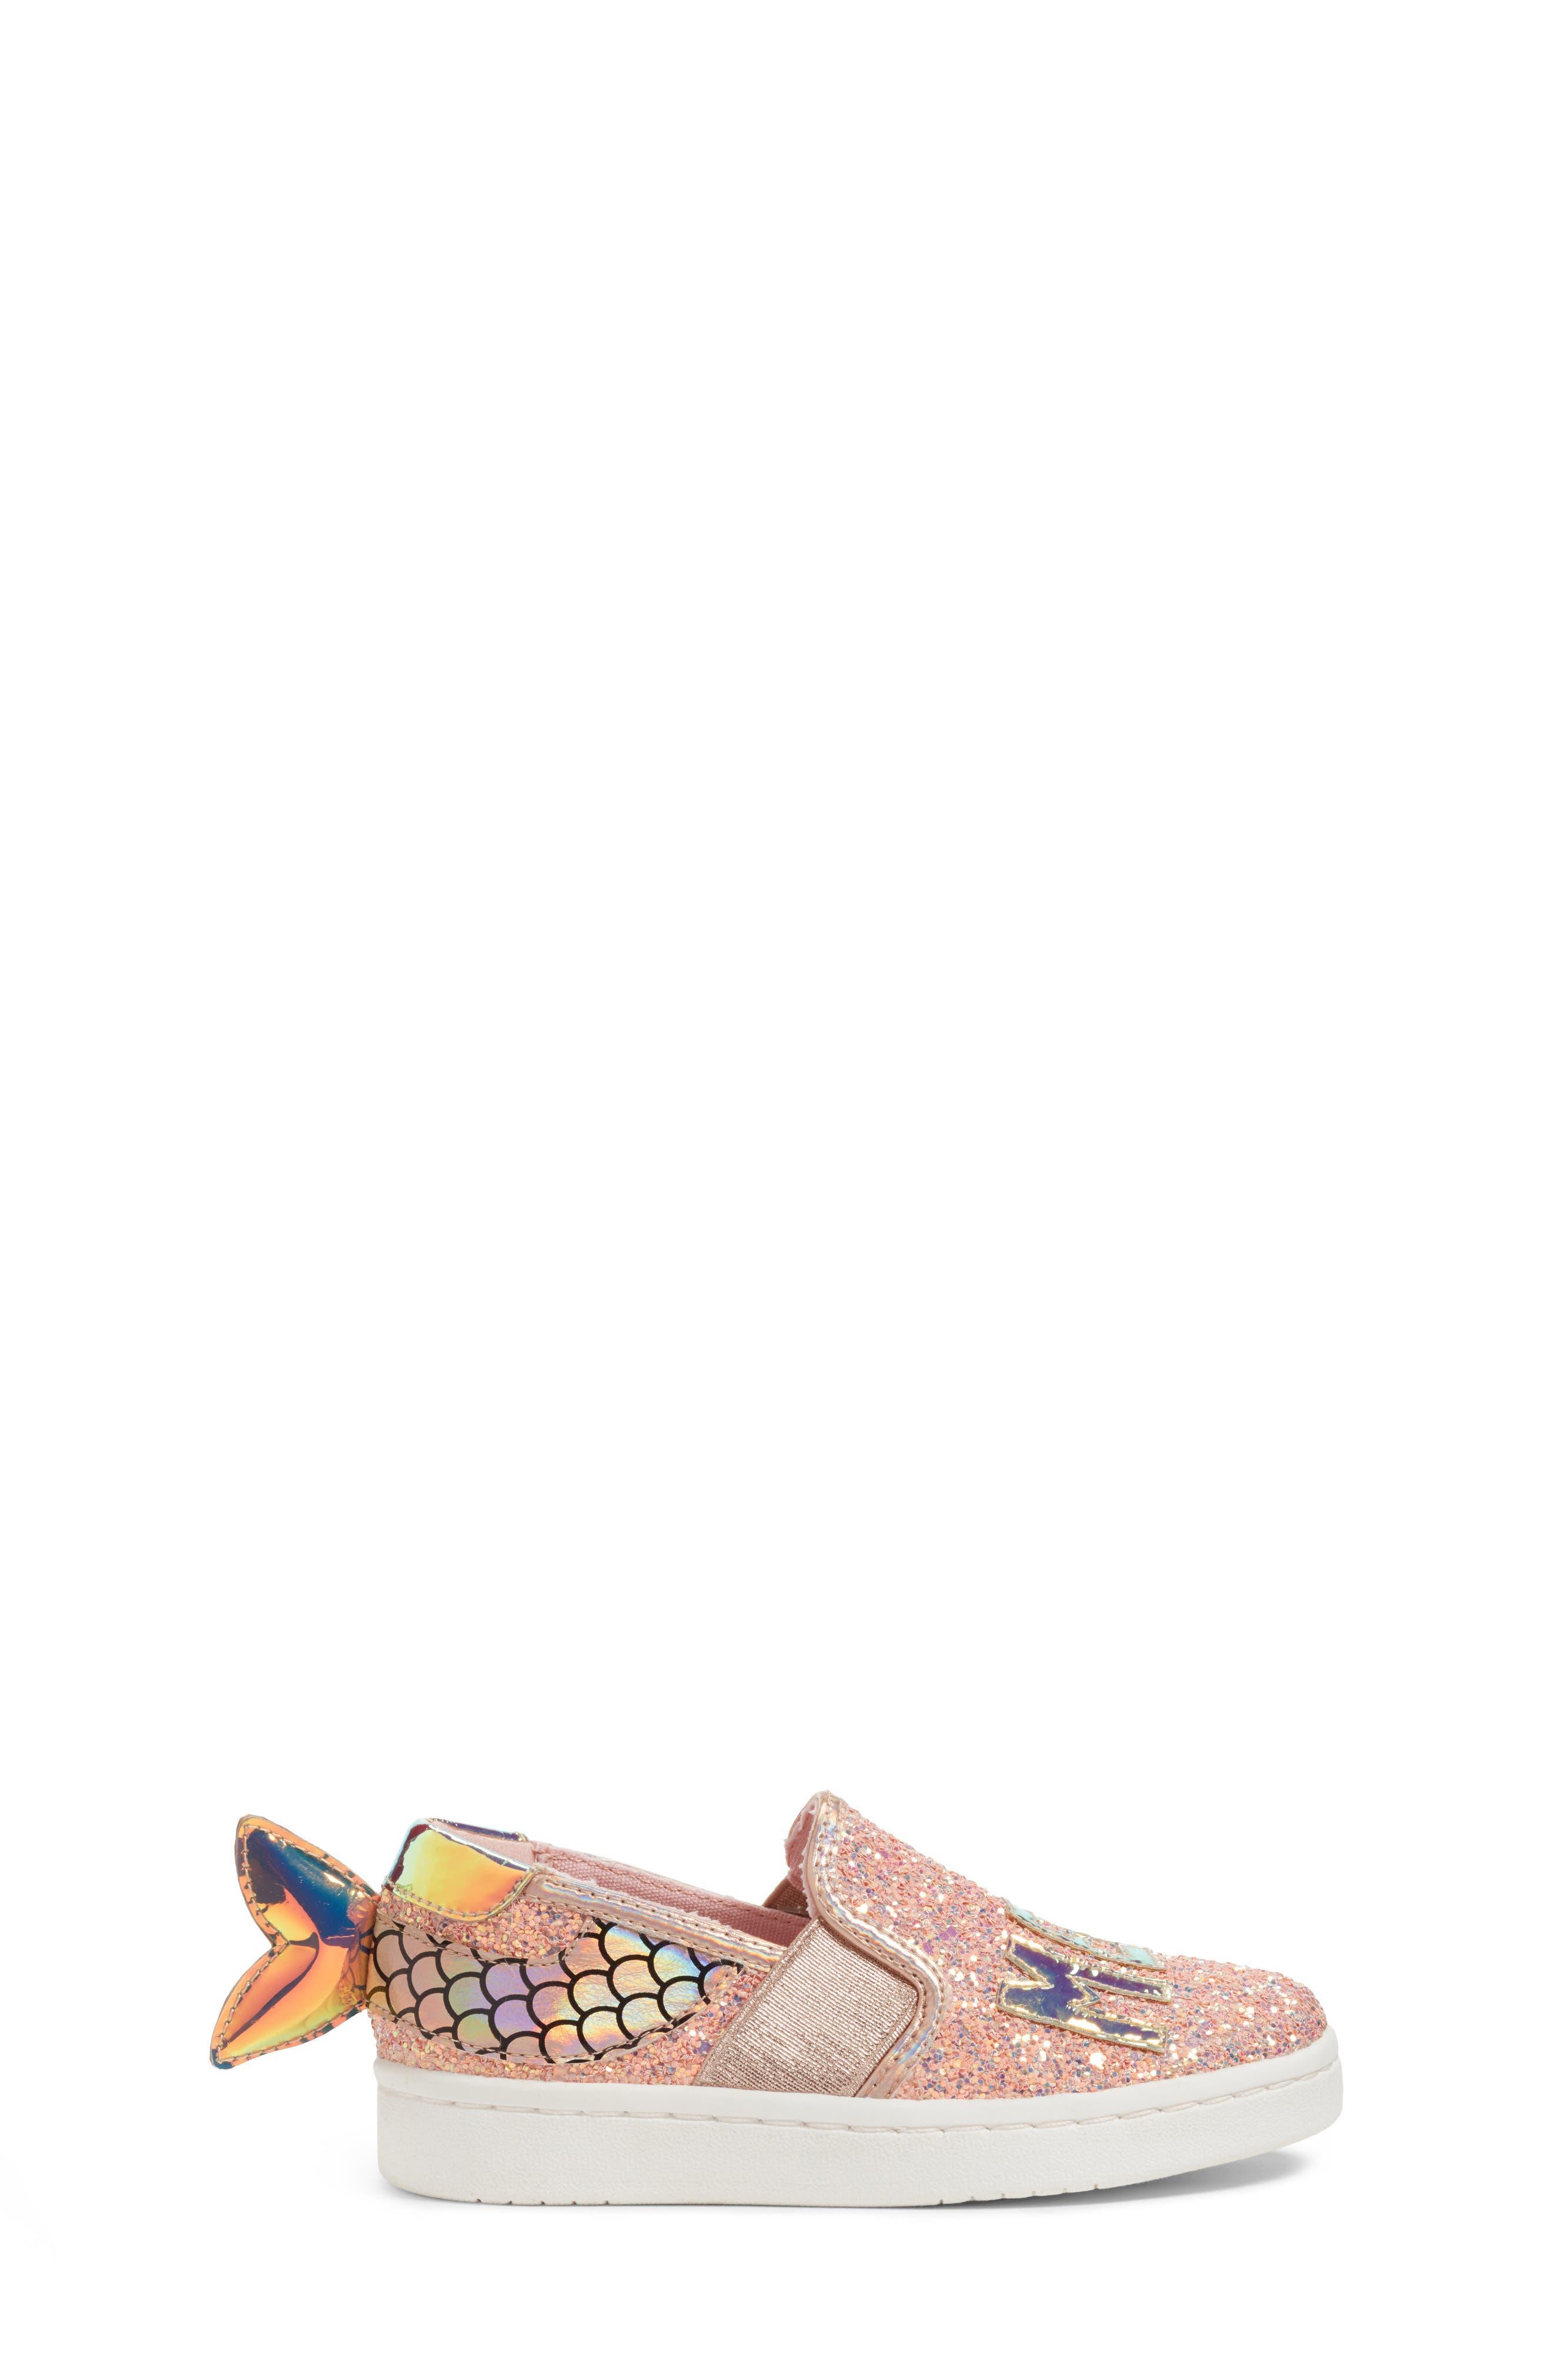 Blane Mermaid Sneaker,                             Alternate thumbnail 4, color,                             Pale Rose Gold Glitter